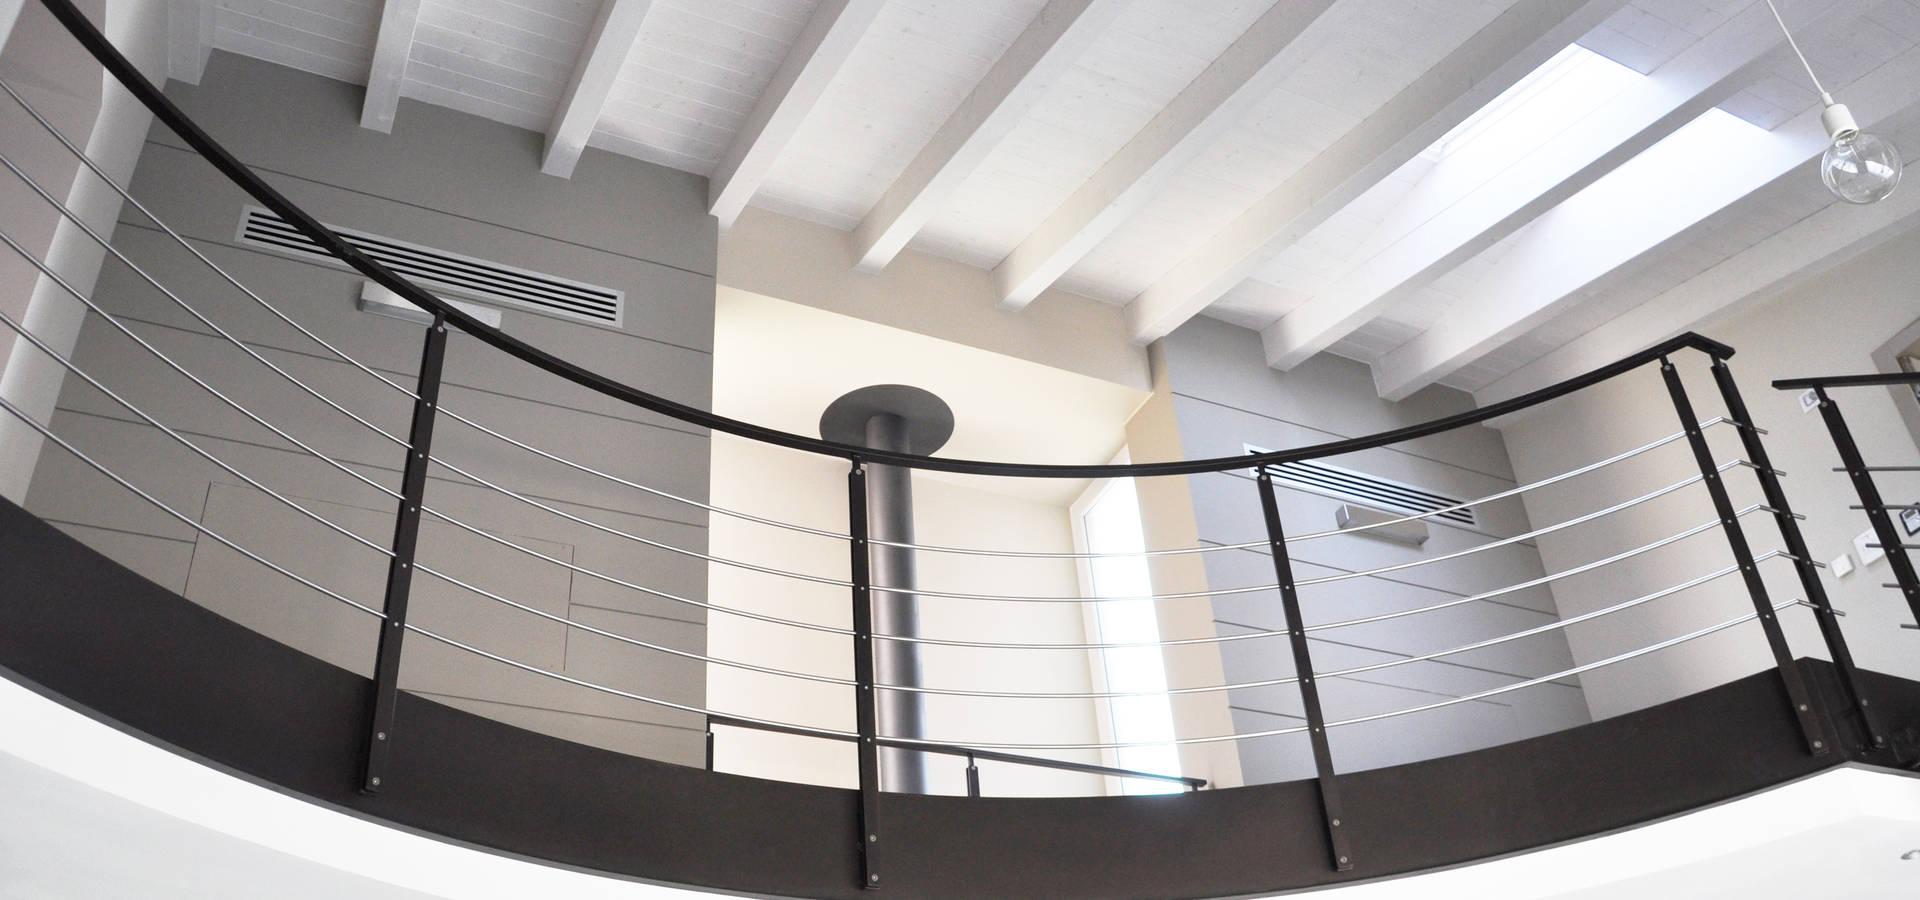 Architetto ingrid fontanili architetti a reggio emilia for Consulenza architetto gratuita